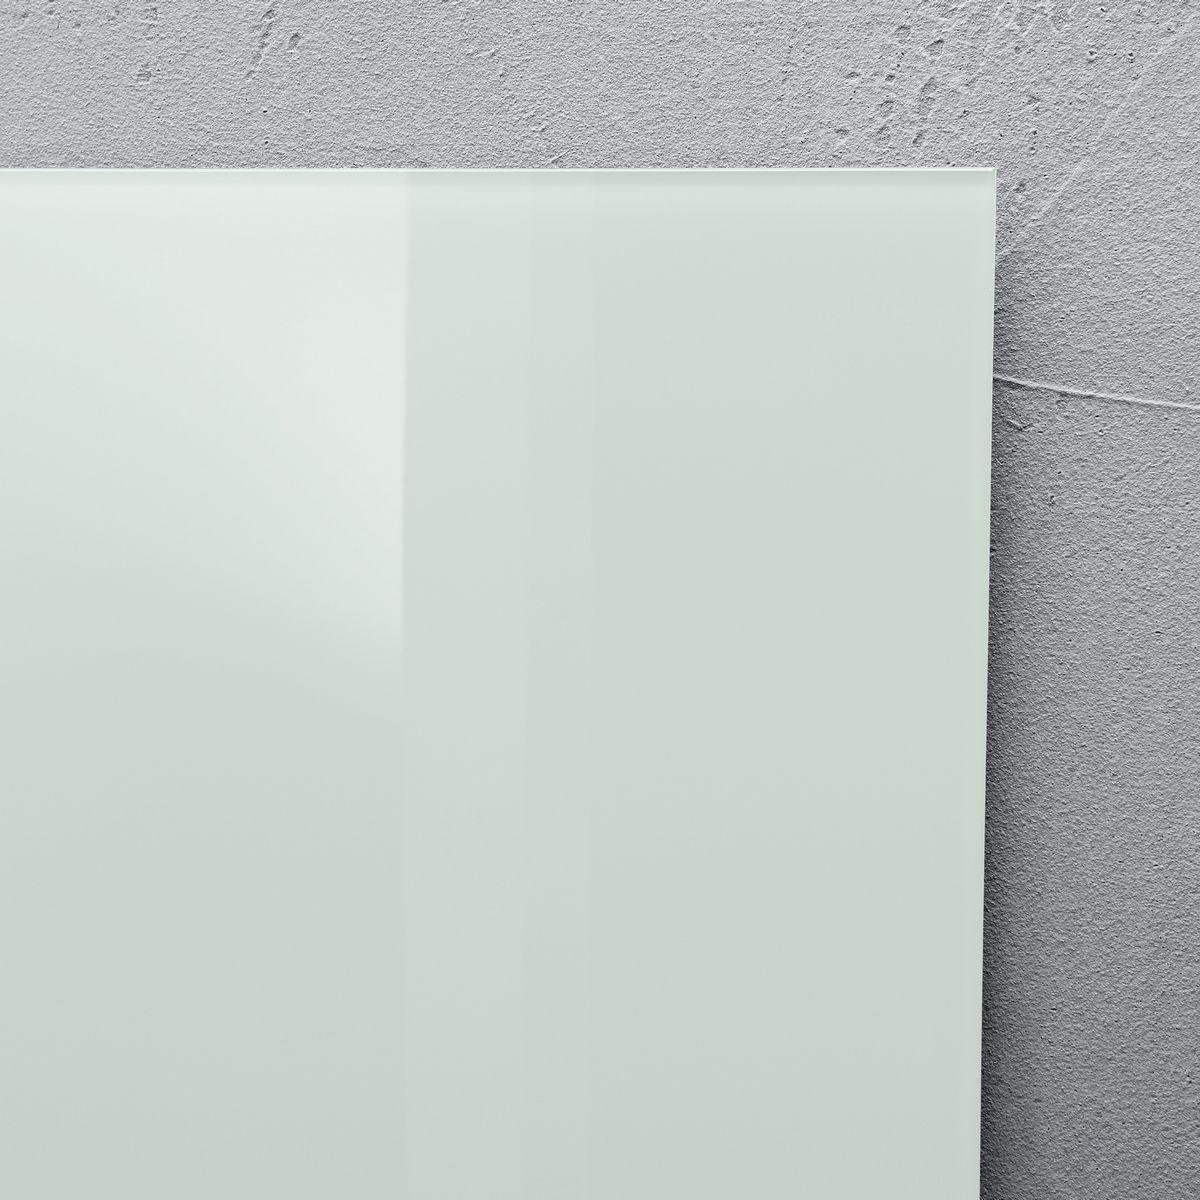 sigel glas magnetboard gl152 memo artverum wei 40x50cm ebay. Black Bedroom Furniture Sets. Home Design Ideas